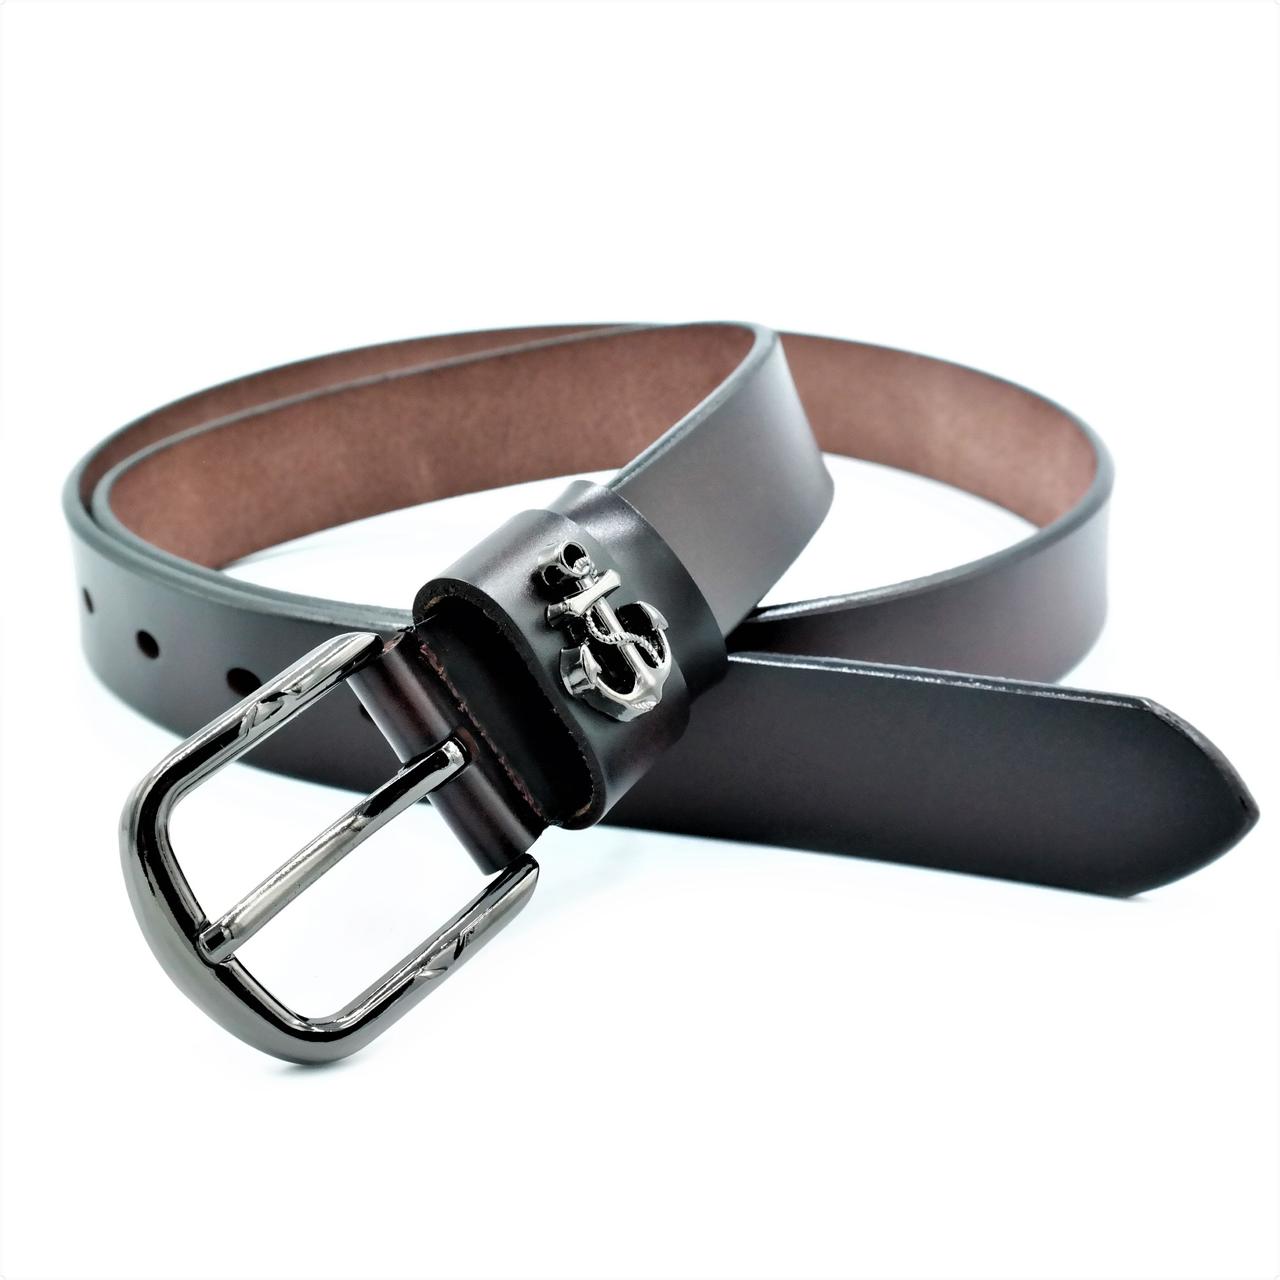 Женский кожаный ремень Le-Mon nwzh-30k-0040 Тёмно-коричневый